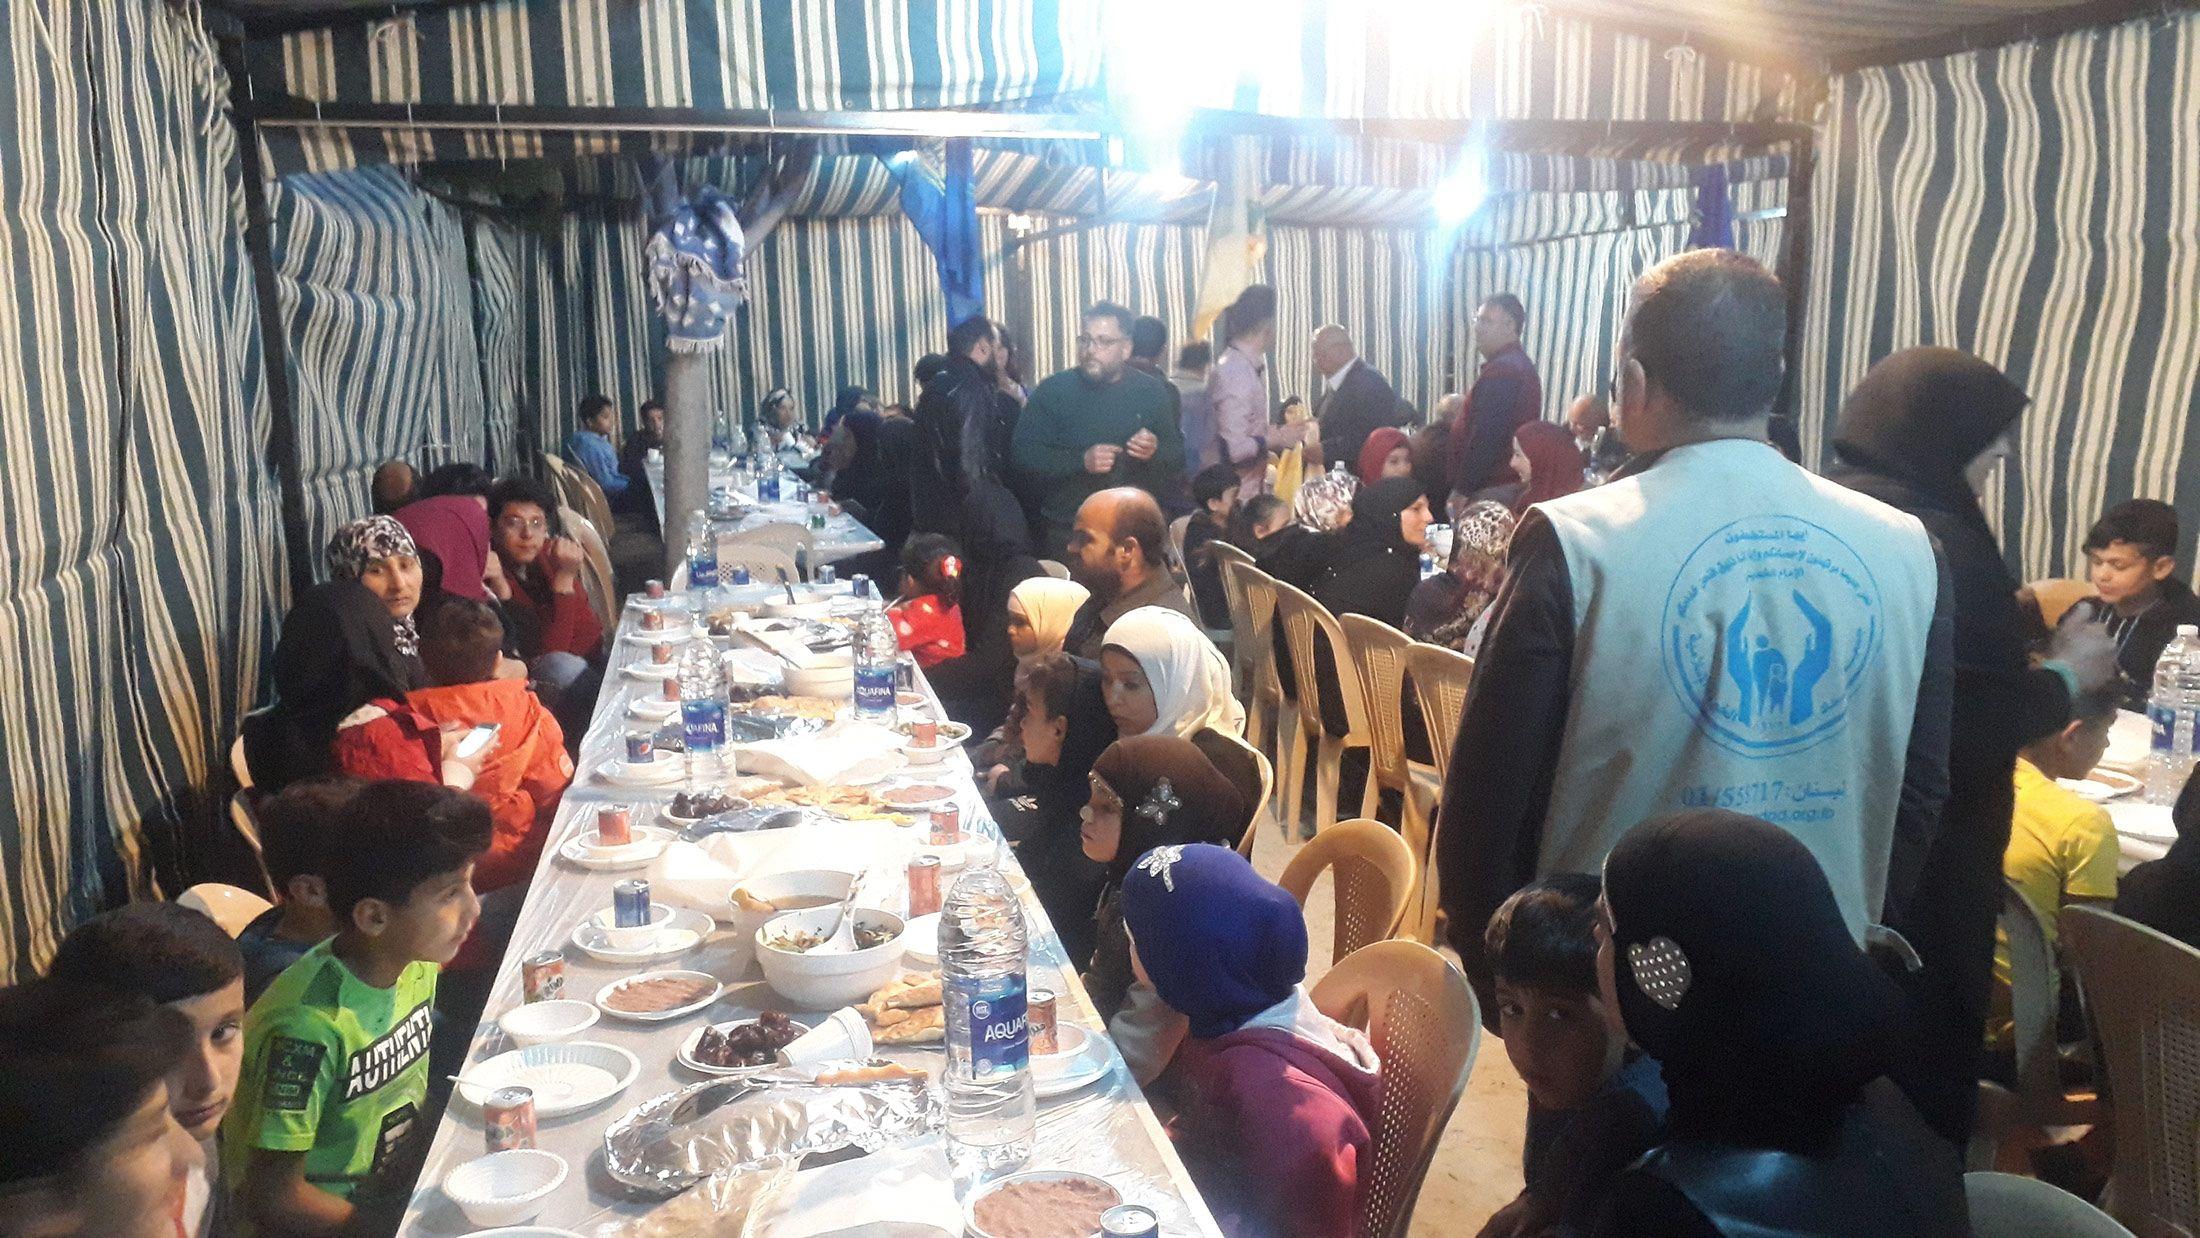 الإمداد تنظم إفطارا تكريميا لـ120 يتيما وفقيرا في منزل أحد الخيرين